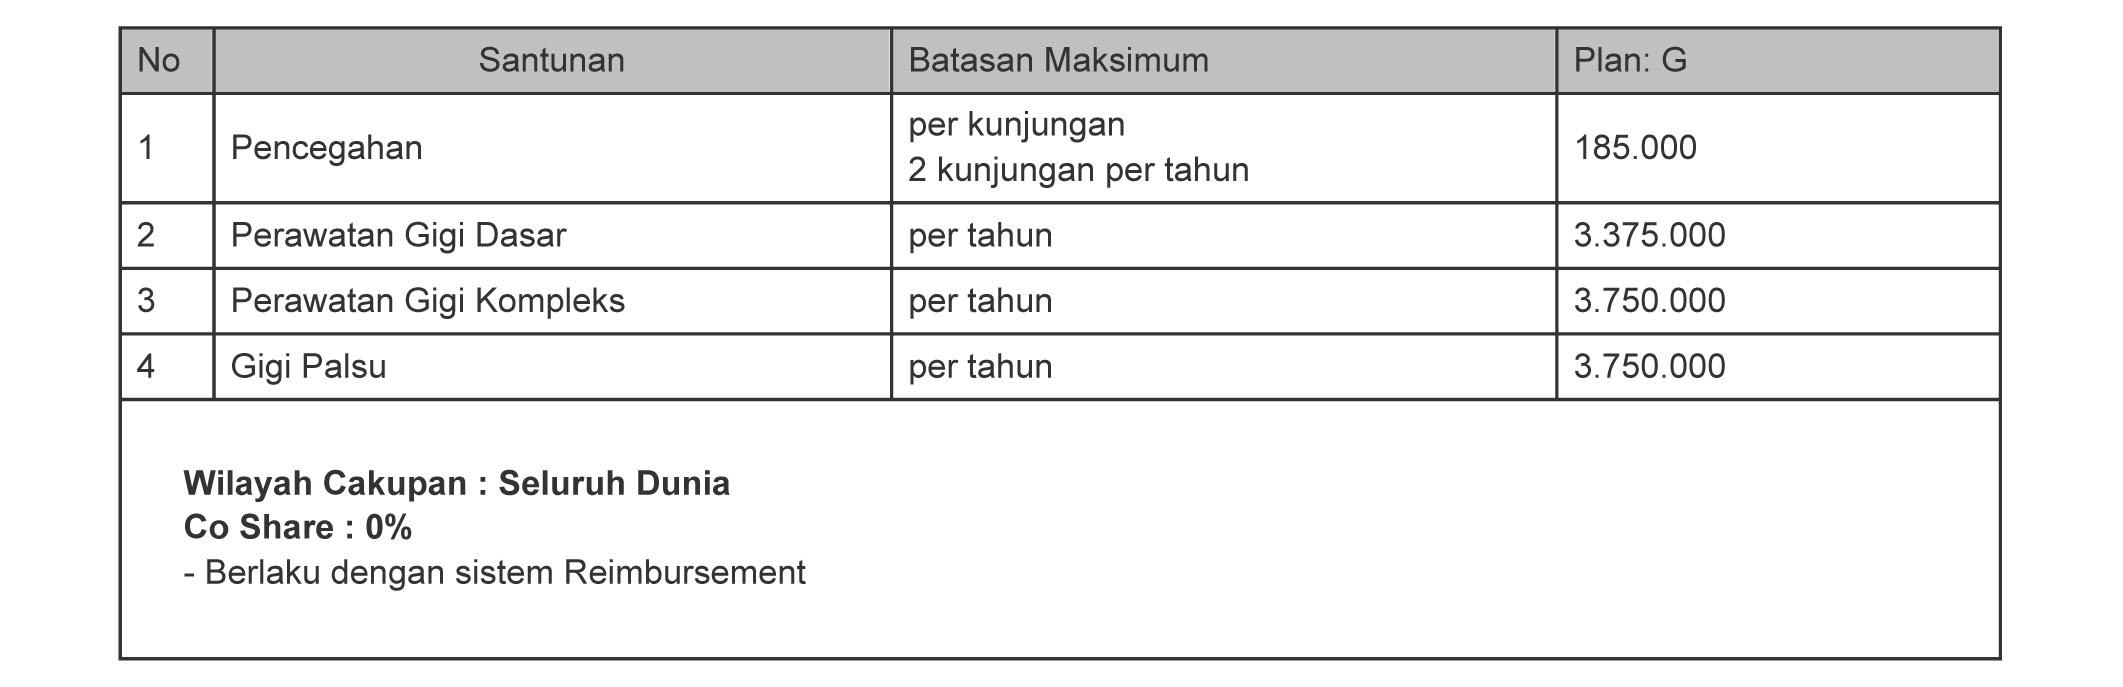 Tabel Manfaat Asuransi Rawat Gigi Smarthealth Maxi Violet atau Allisya Care Plan G